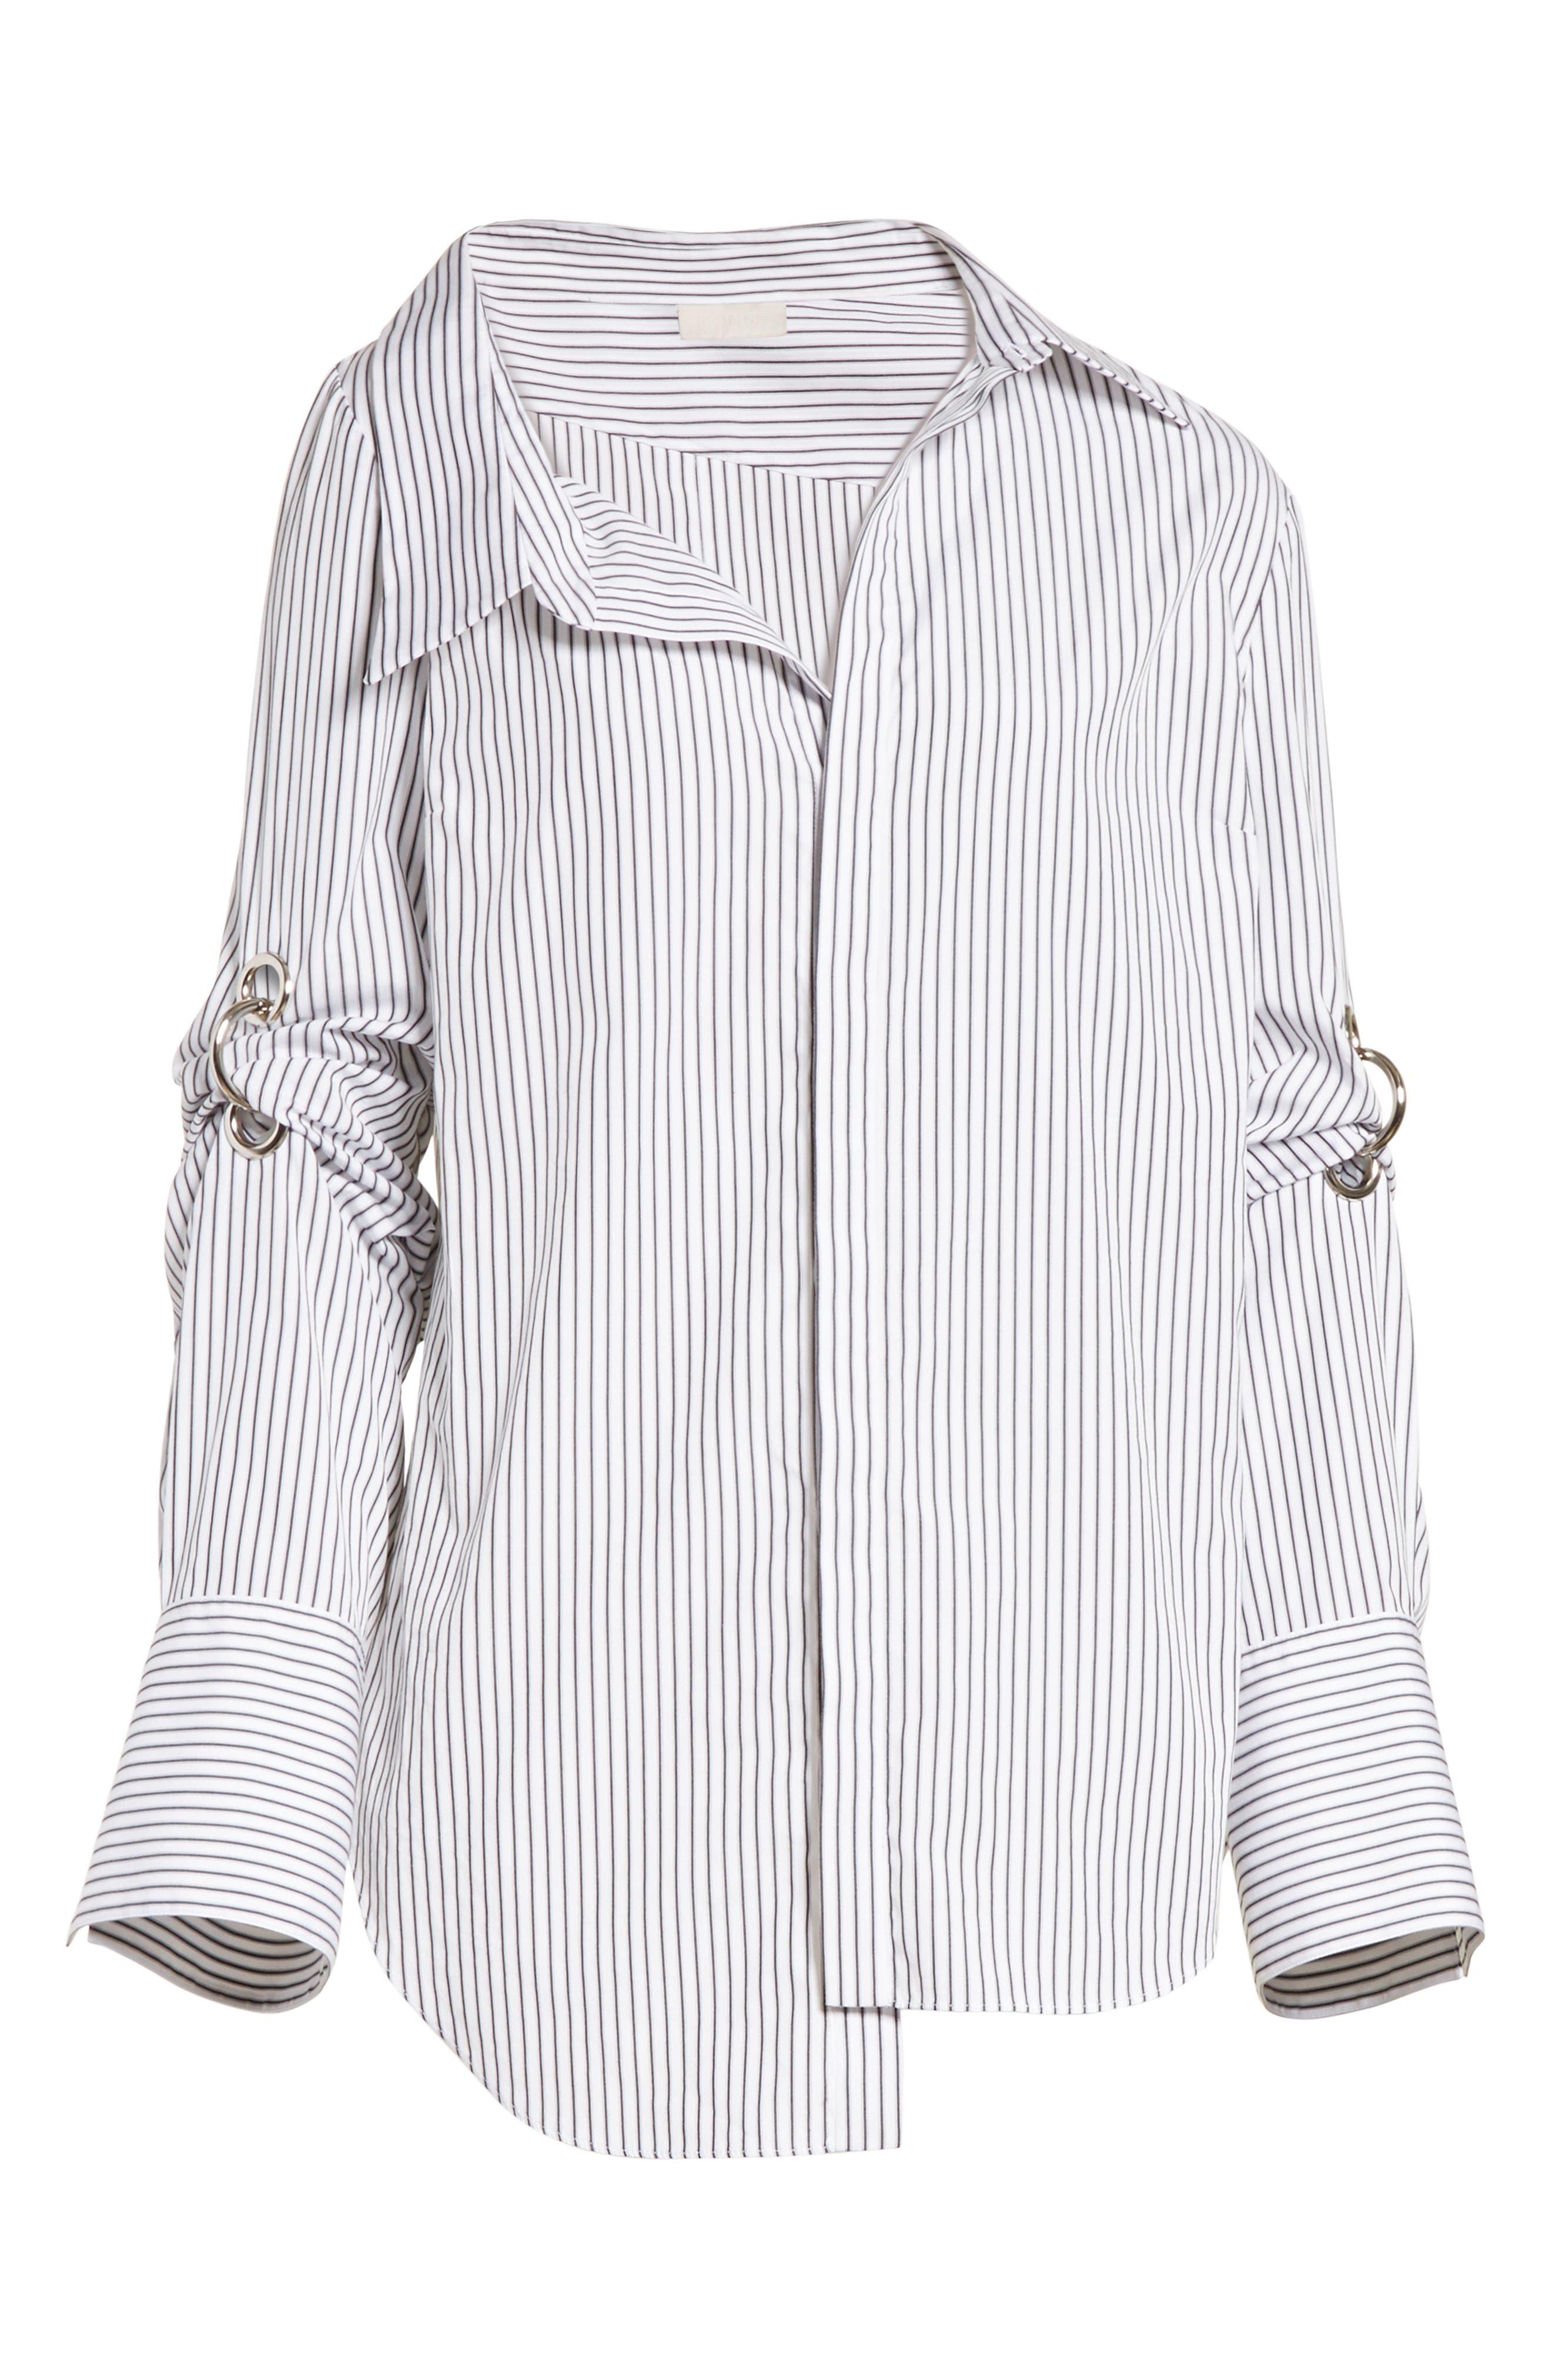 Grommet Scrunch Sleeve Shirt,                             Alternate thumbnail 7, color,                             Blue/ White